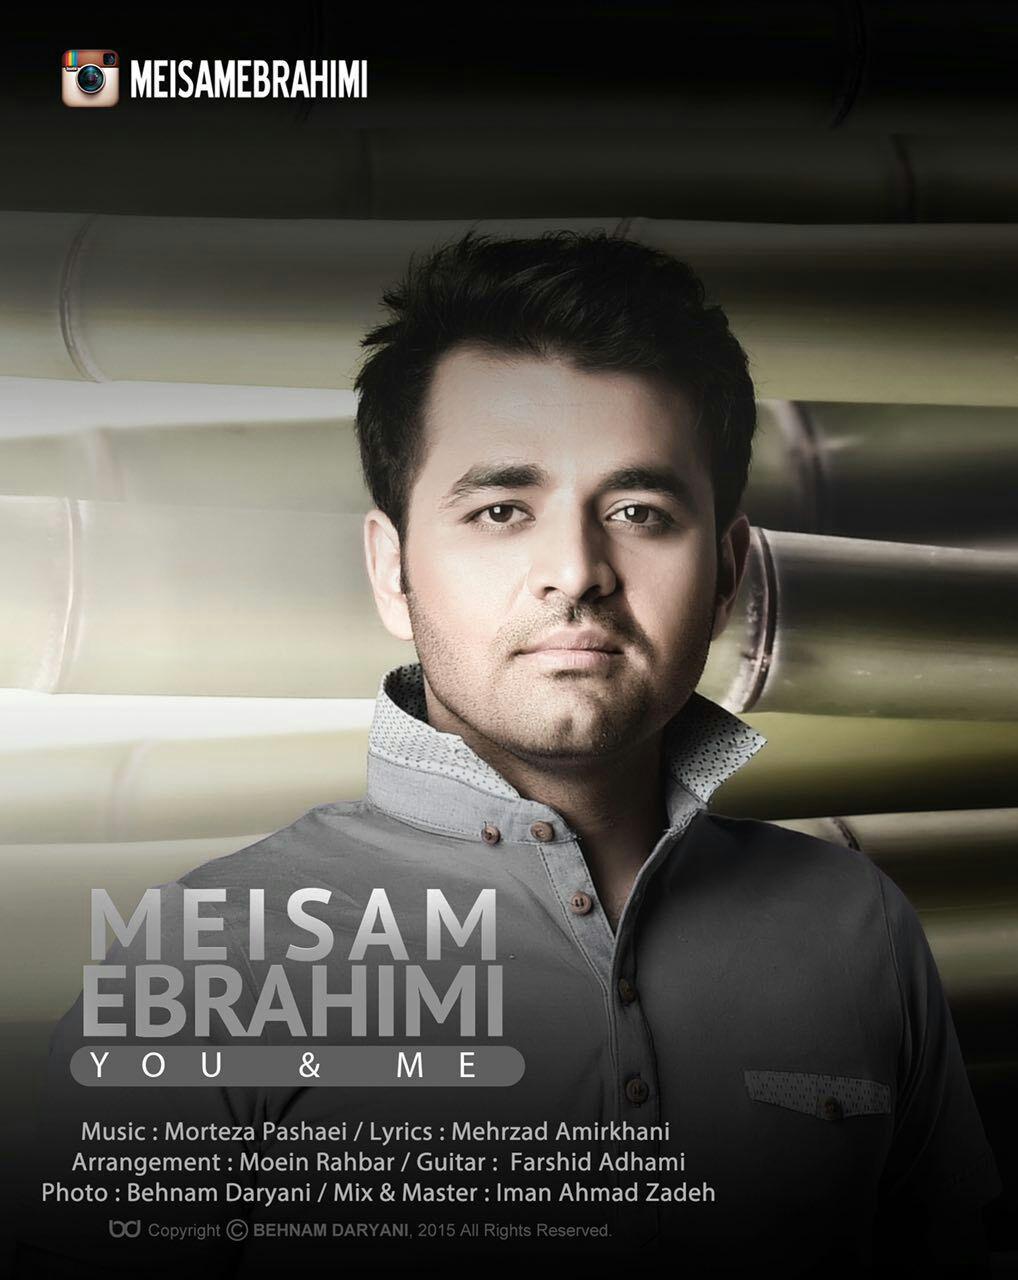 دانلود آهنگ جدید میثم ابراهیمی بنام تو و من